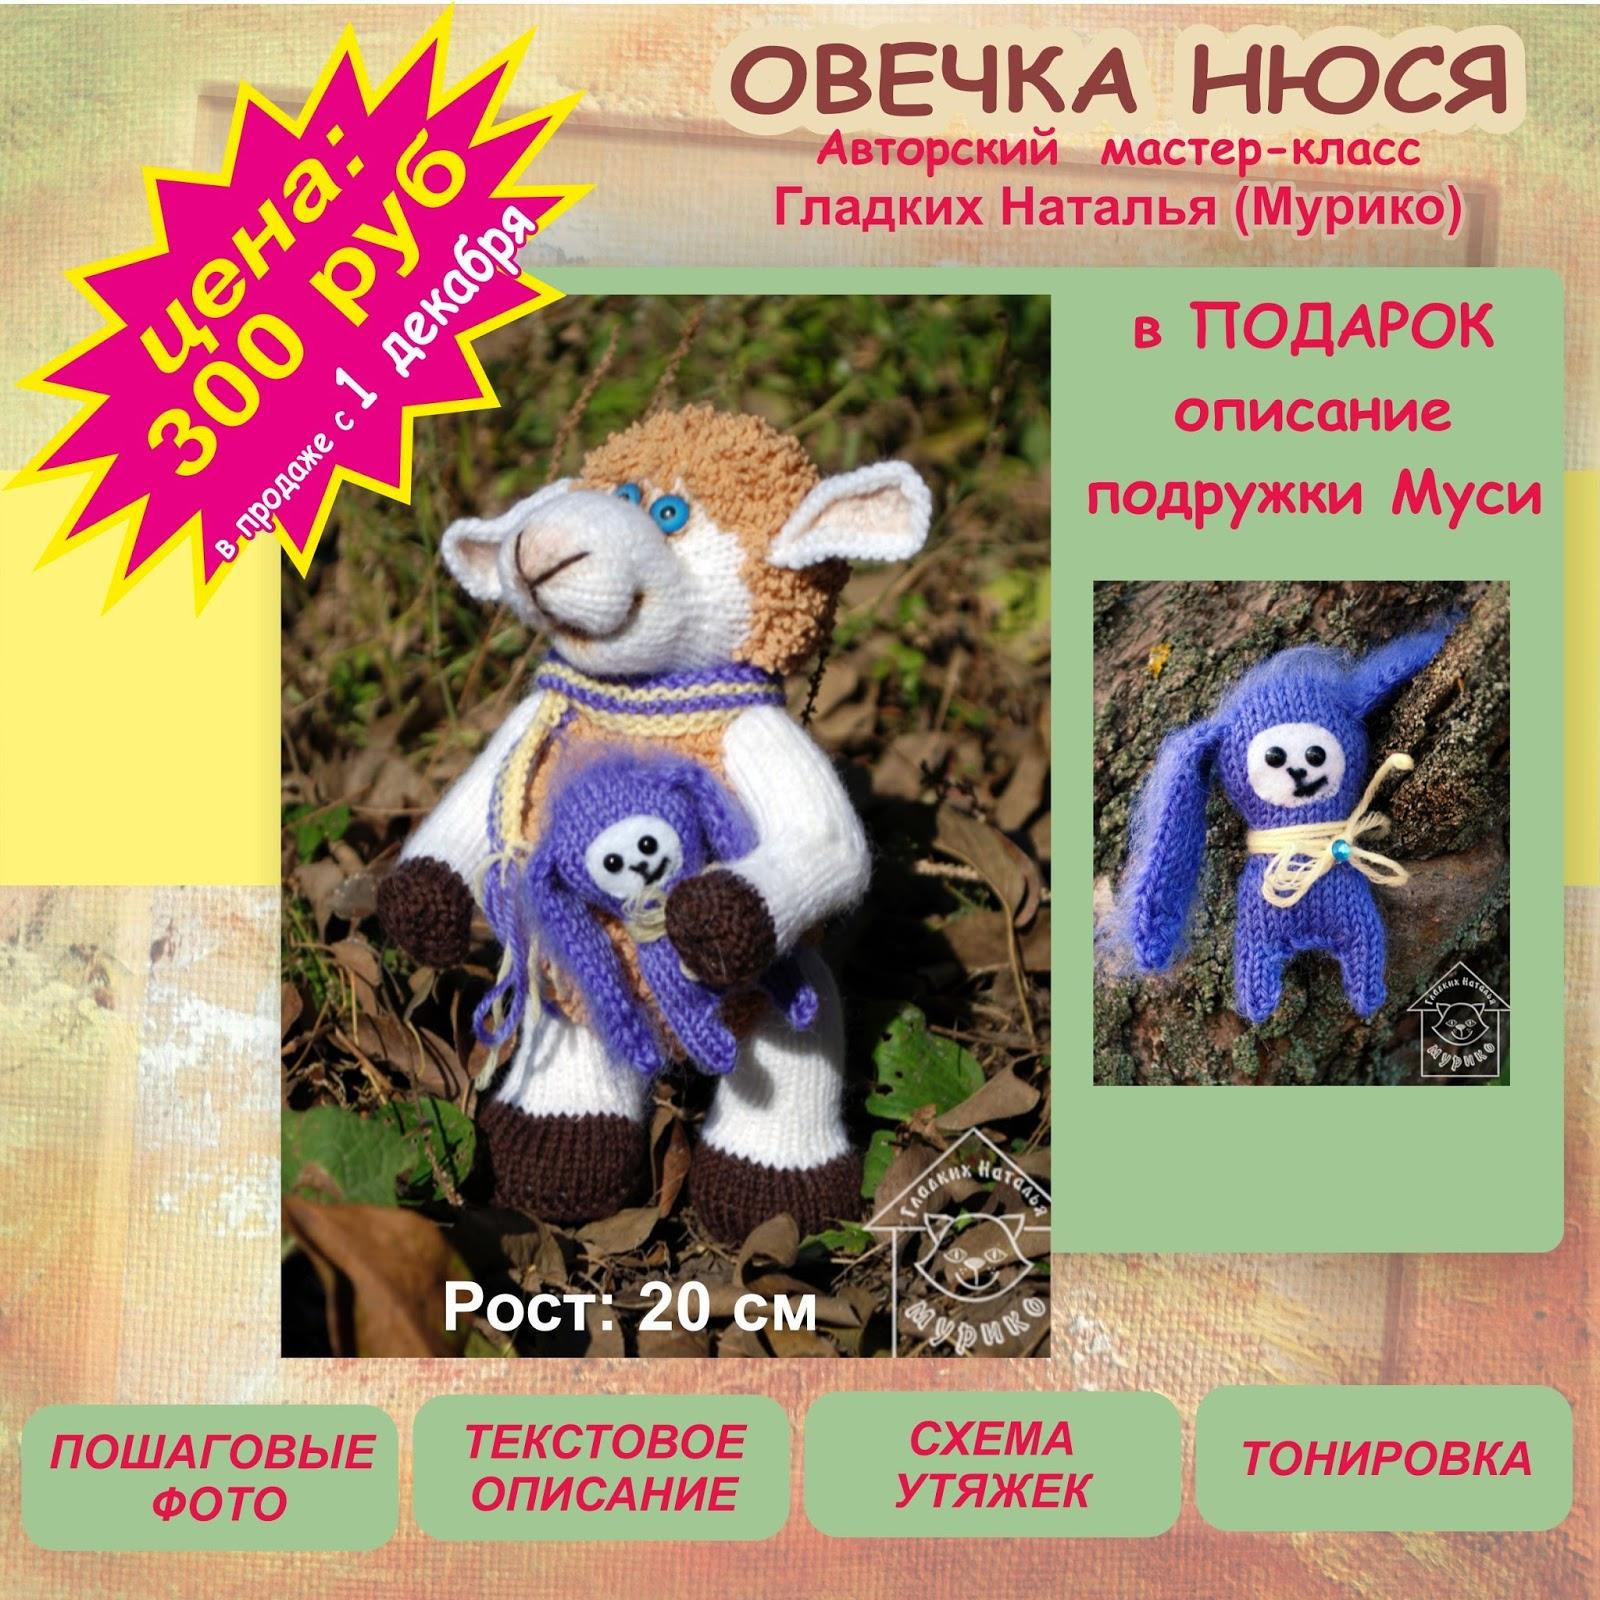 новый год, игрушки, вязание игрушки, вязание, схемы вязания, схемы игрушек, авторская кукла, подарок